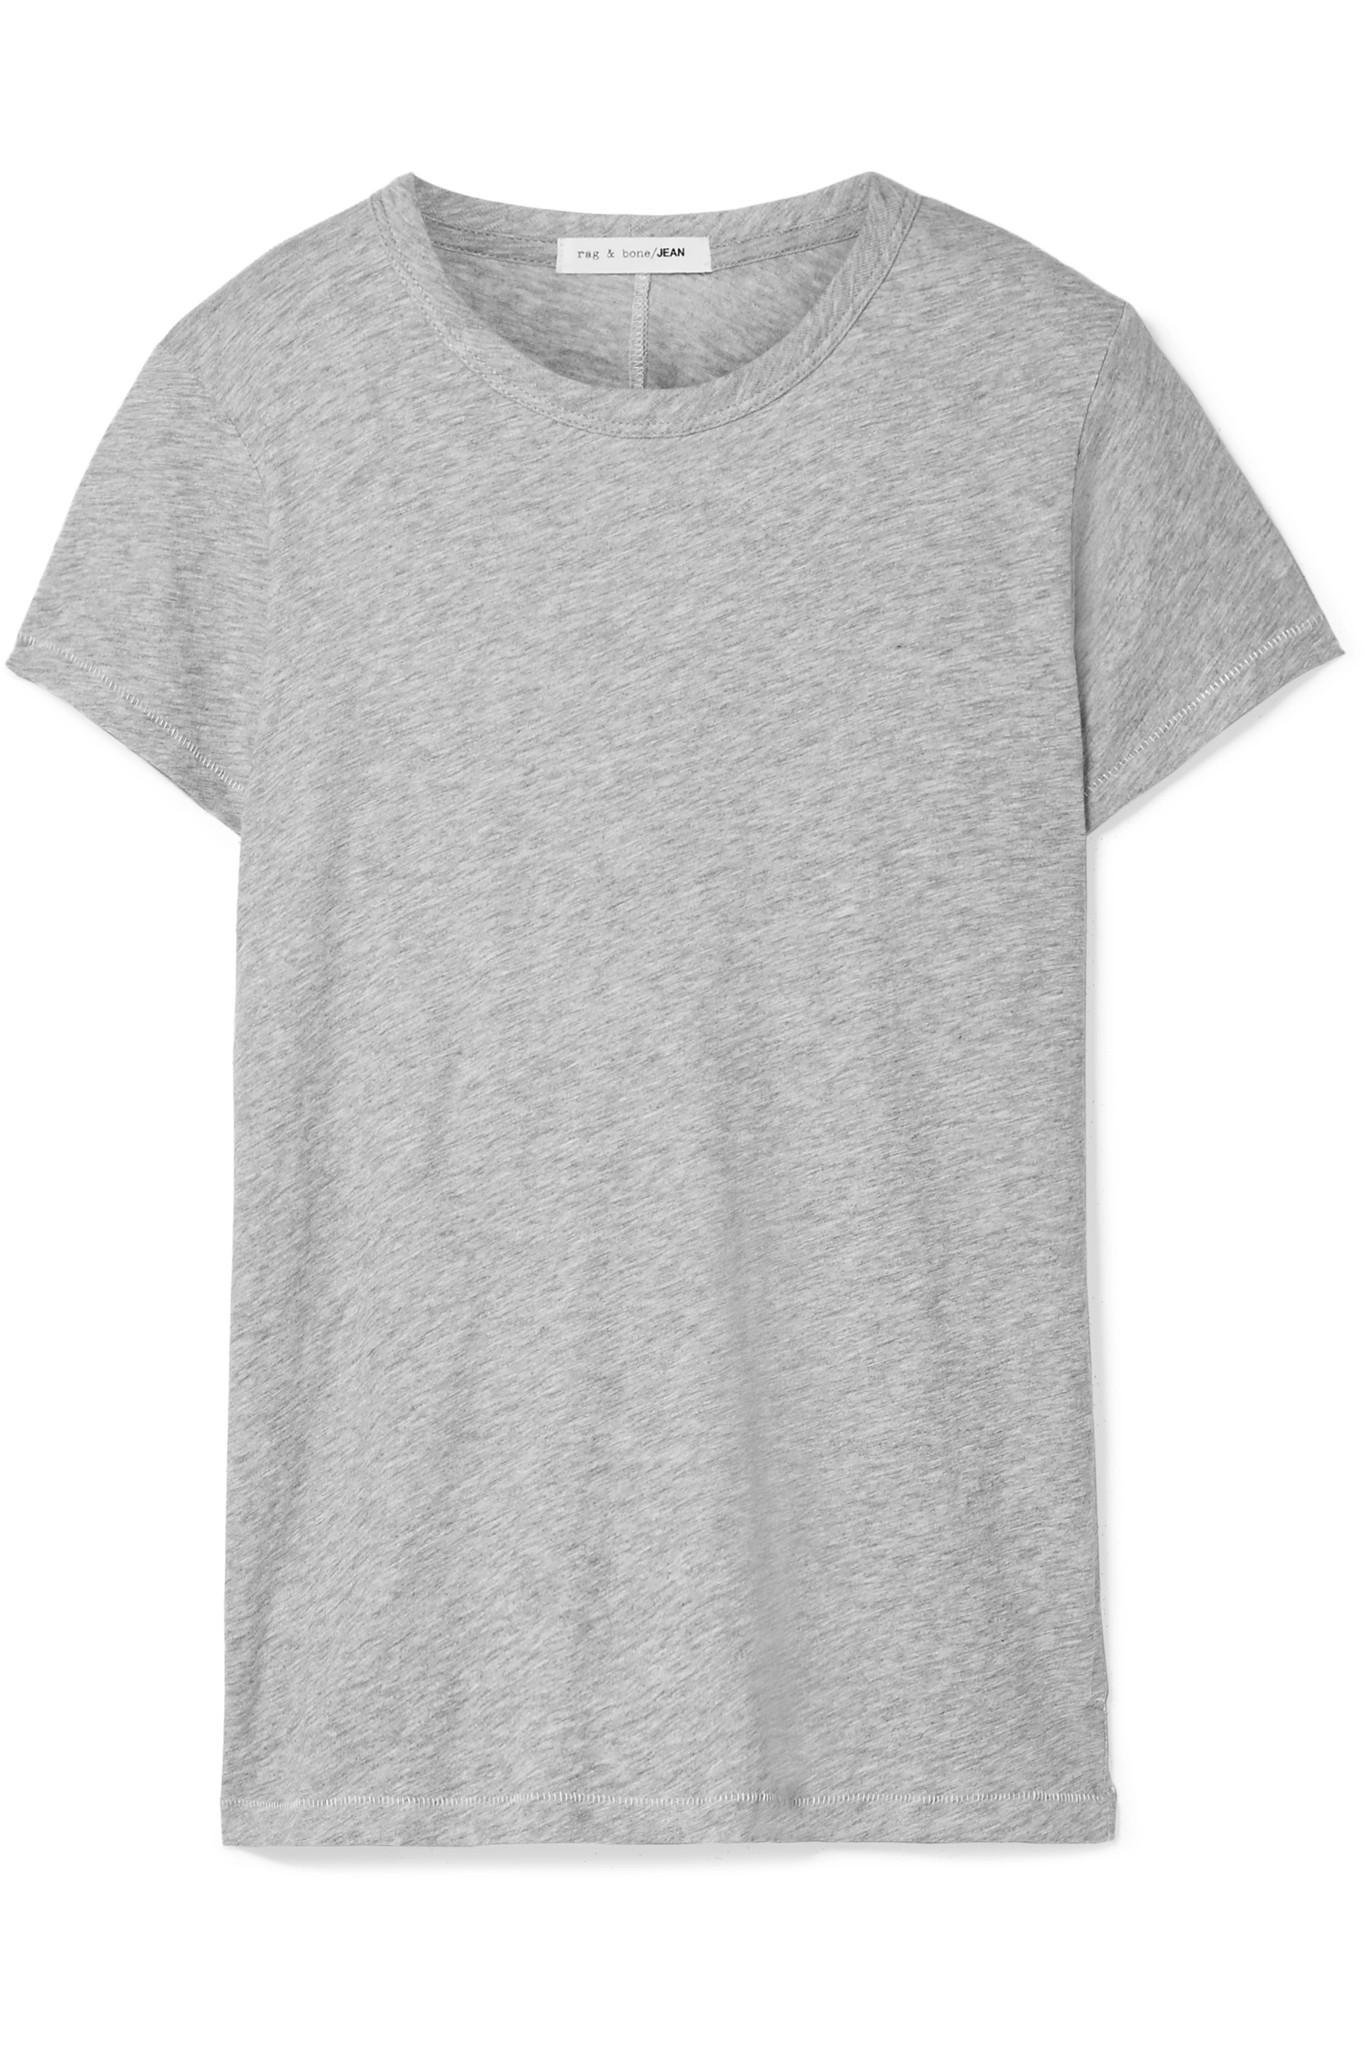 RAG&BONE Printed Slub Pima Cotton-jersey T-shirt k0NQa3IG